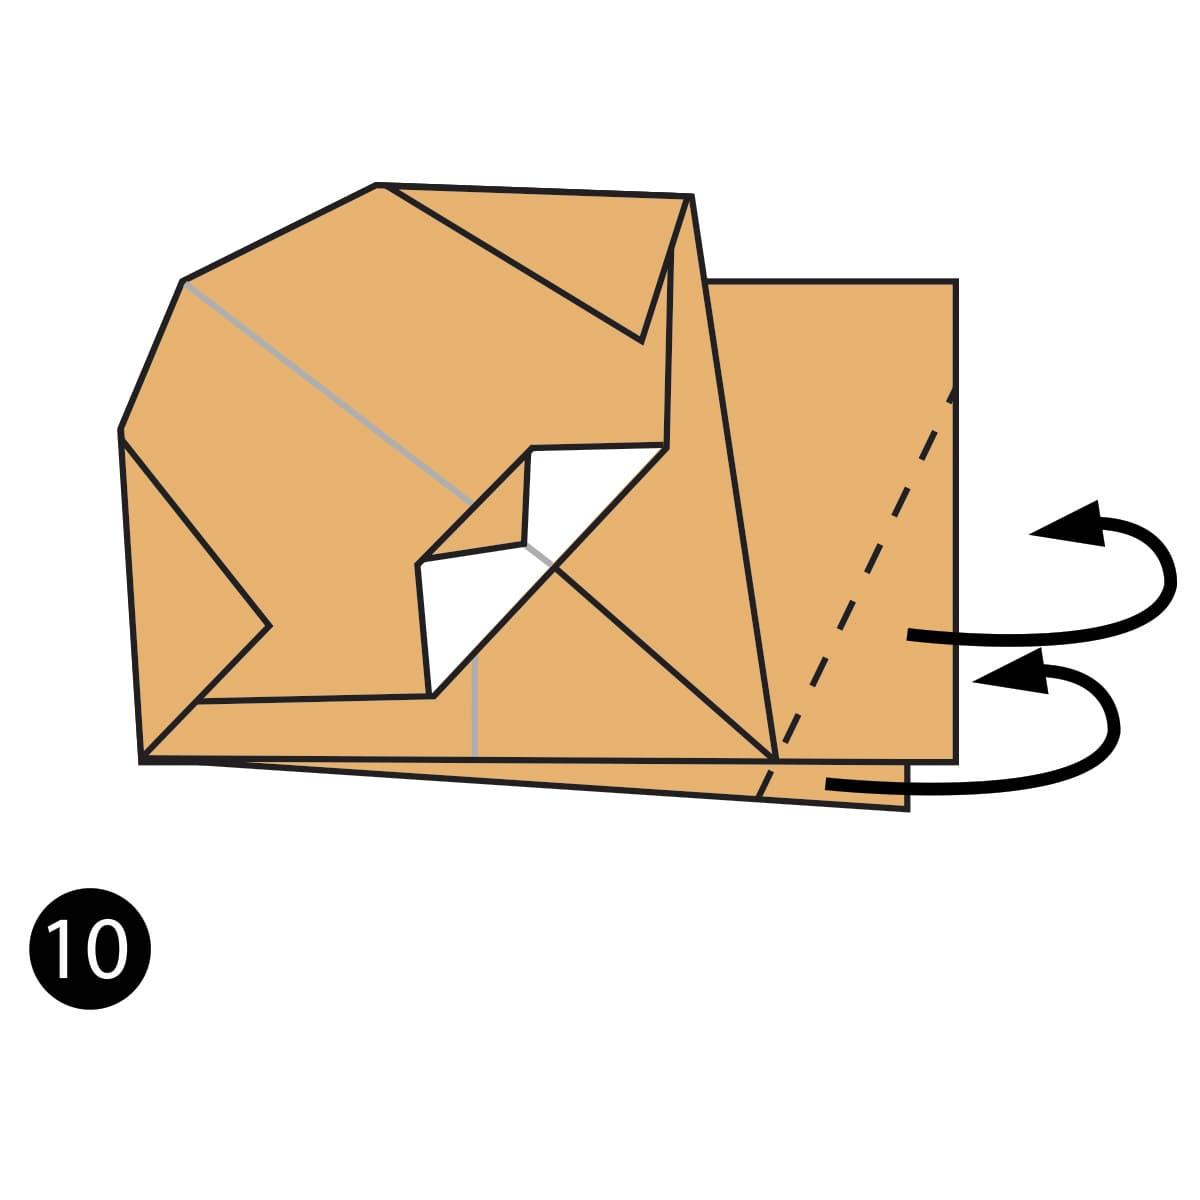 Puppy Step 10